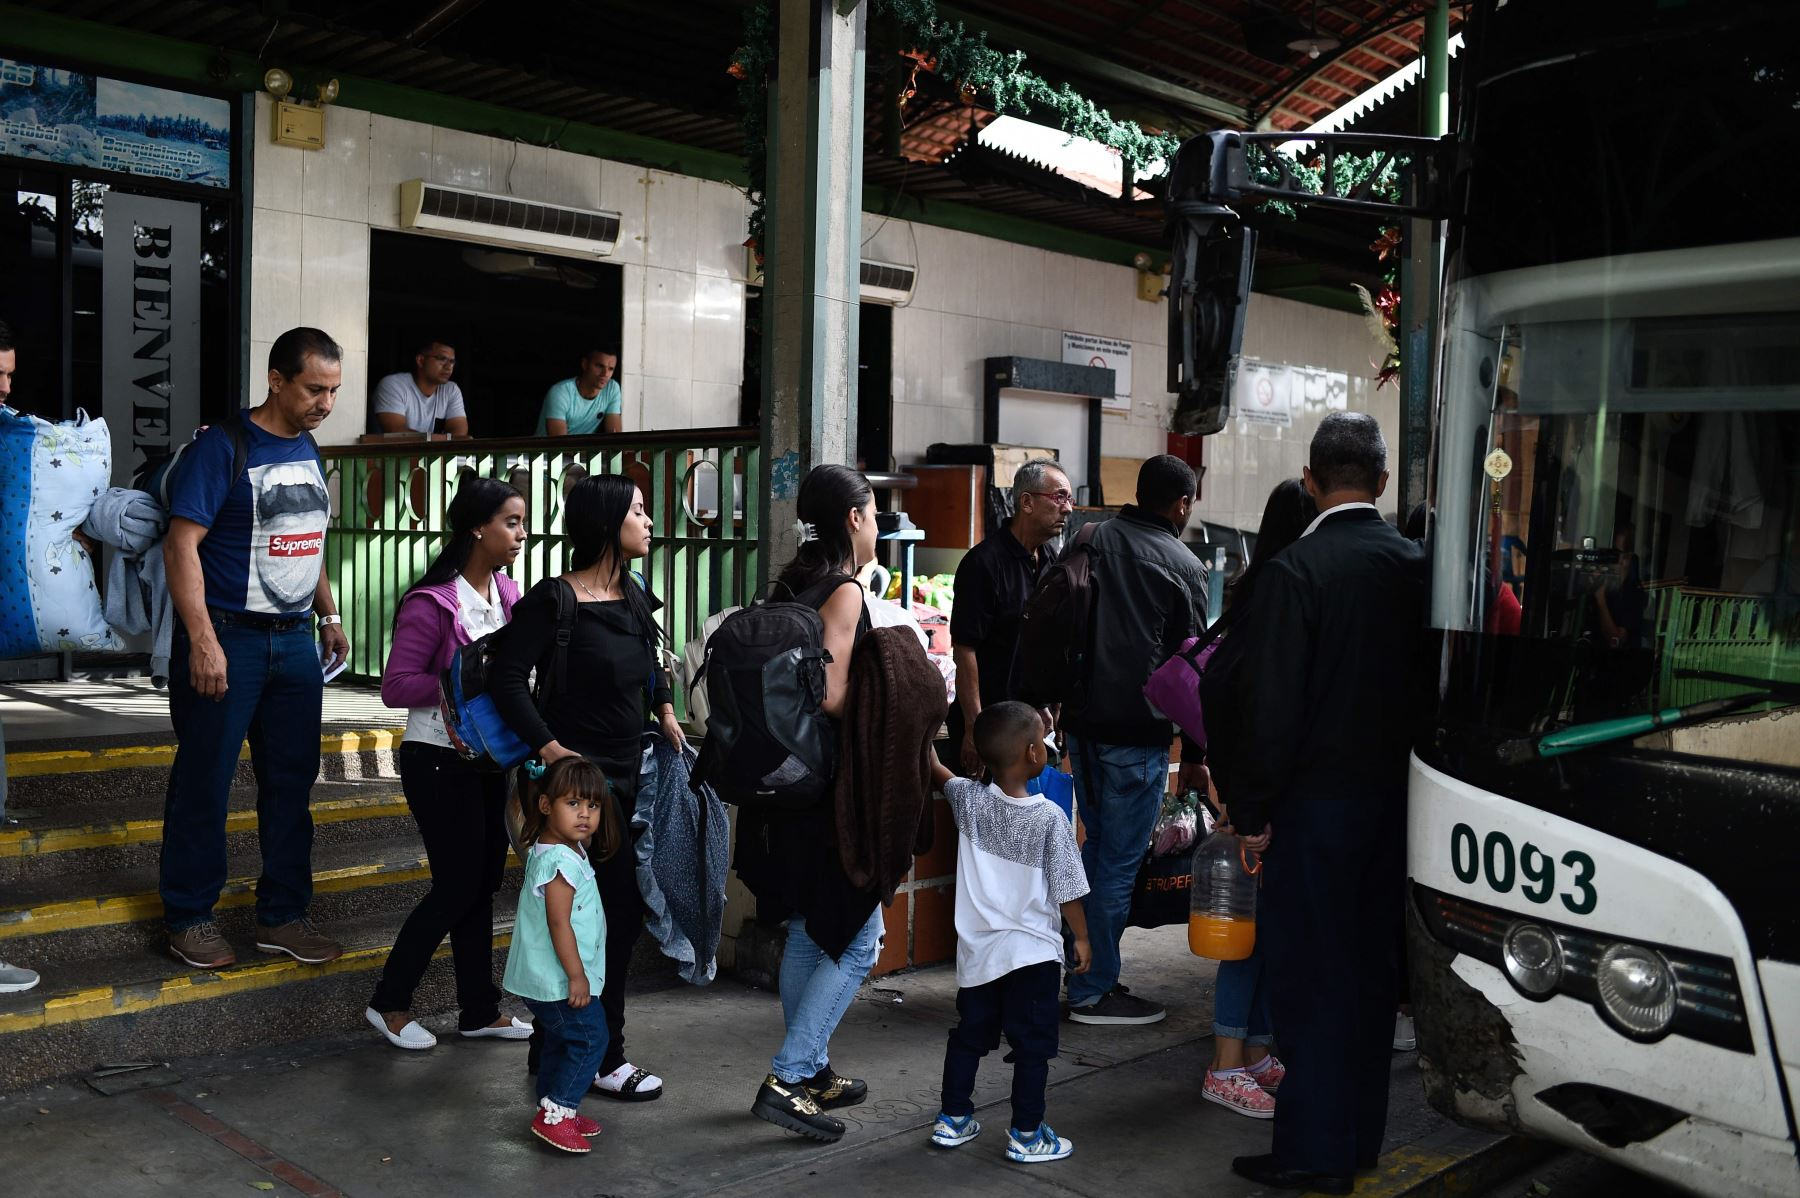 La gente hace cola para abordar un autobús en una estación en Caracas Foto: AFP